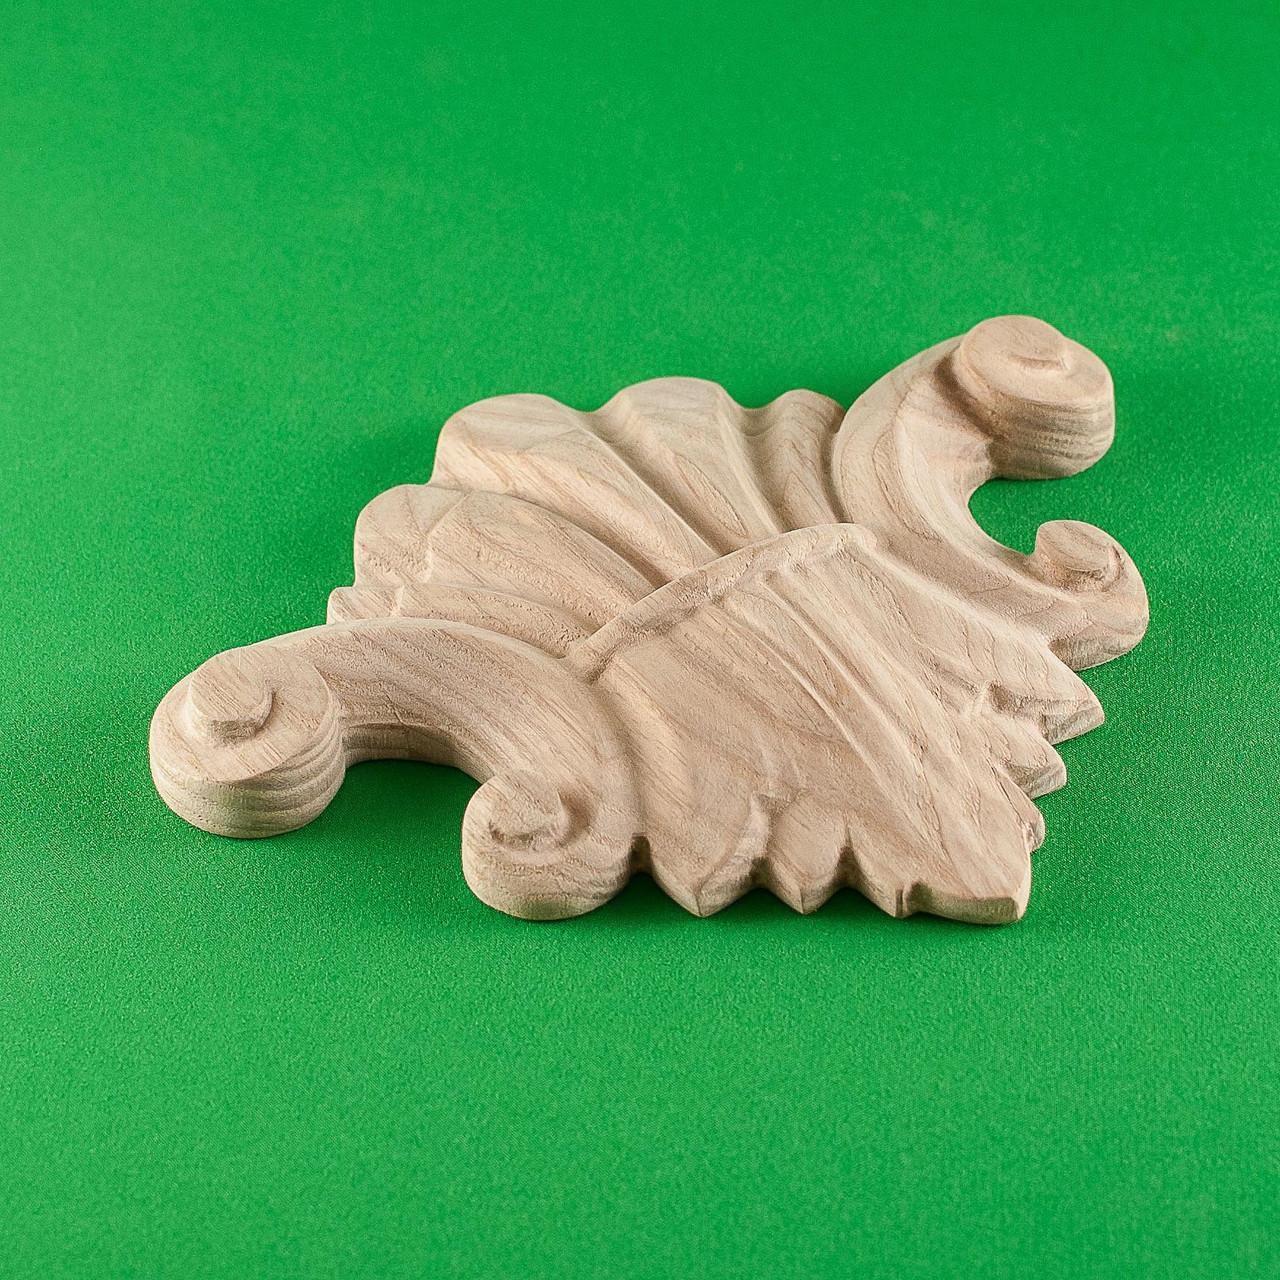 Код ДЦ14. Резной деревянный декор для мебели. Декор центральный